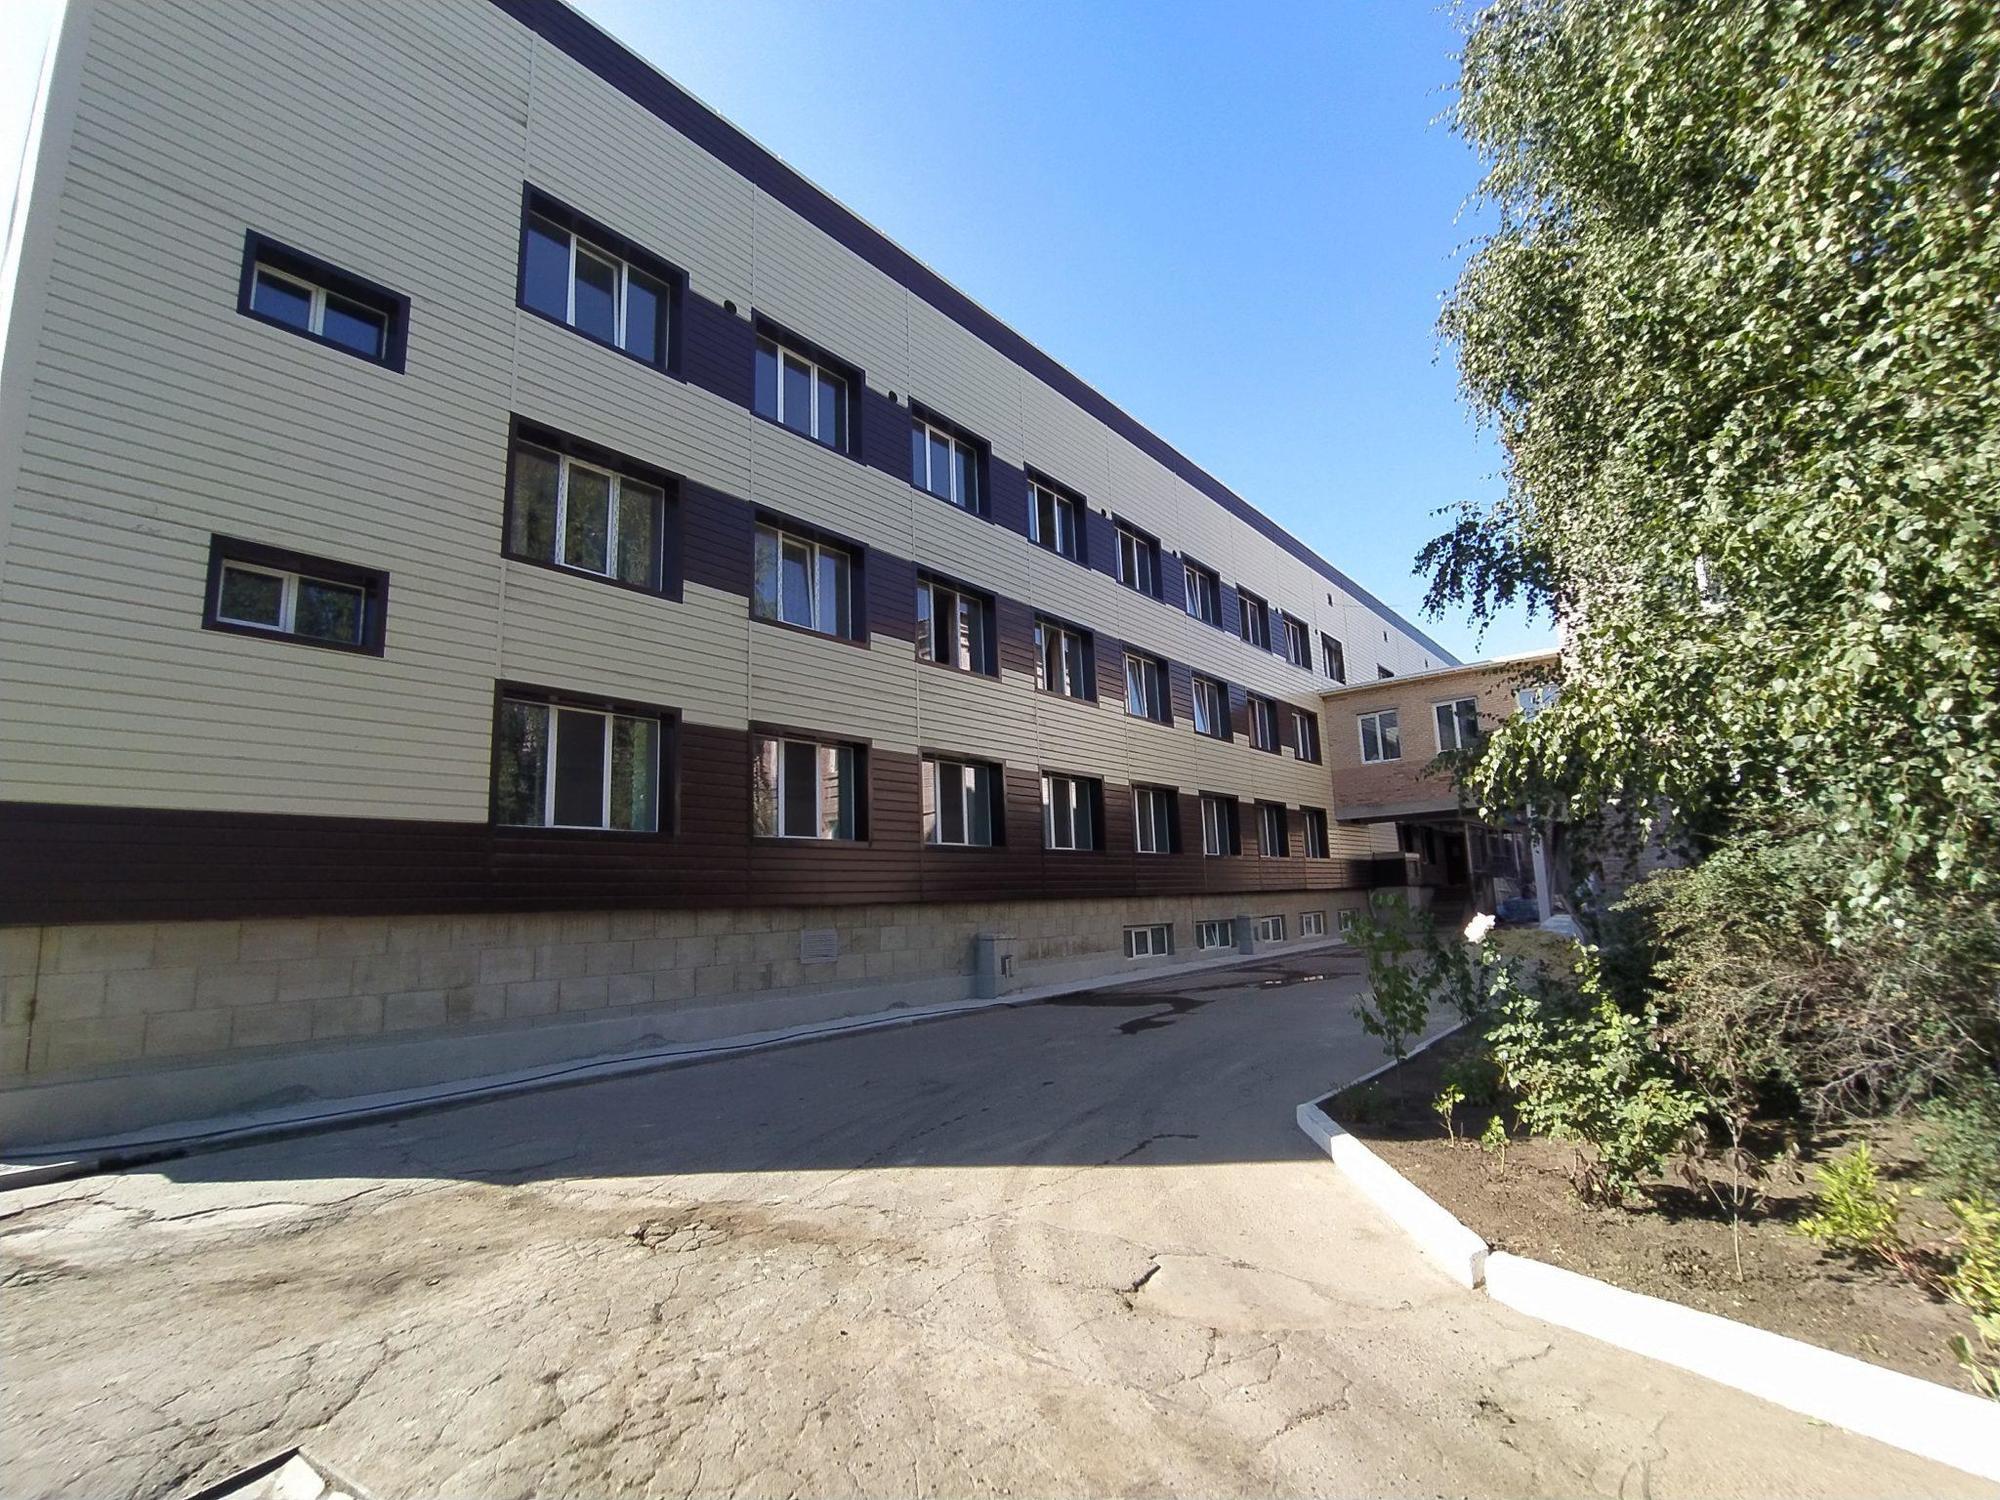 У Бахмуті в одній зі шкіл ввели дистанційне навчання через COVID-19 (ОНОВЛЕНО)